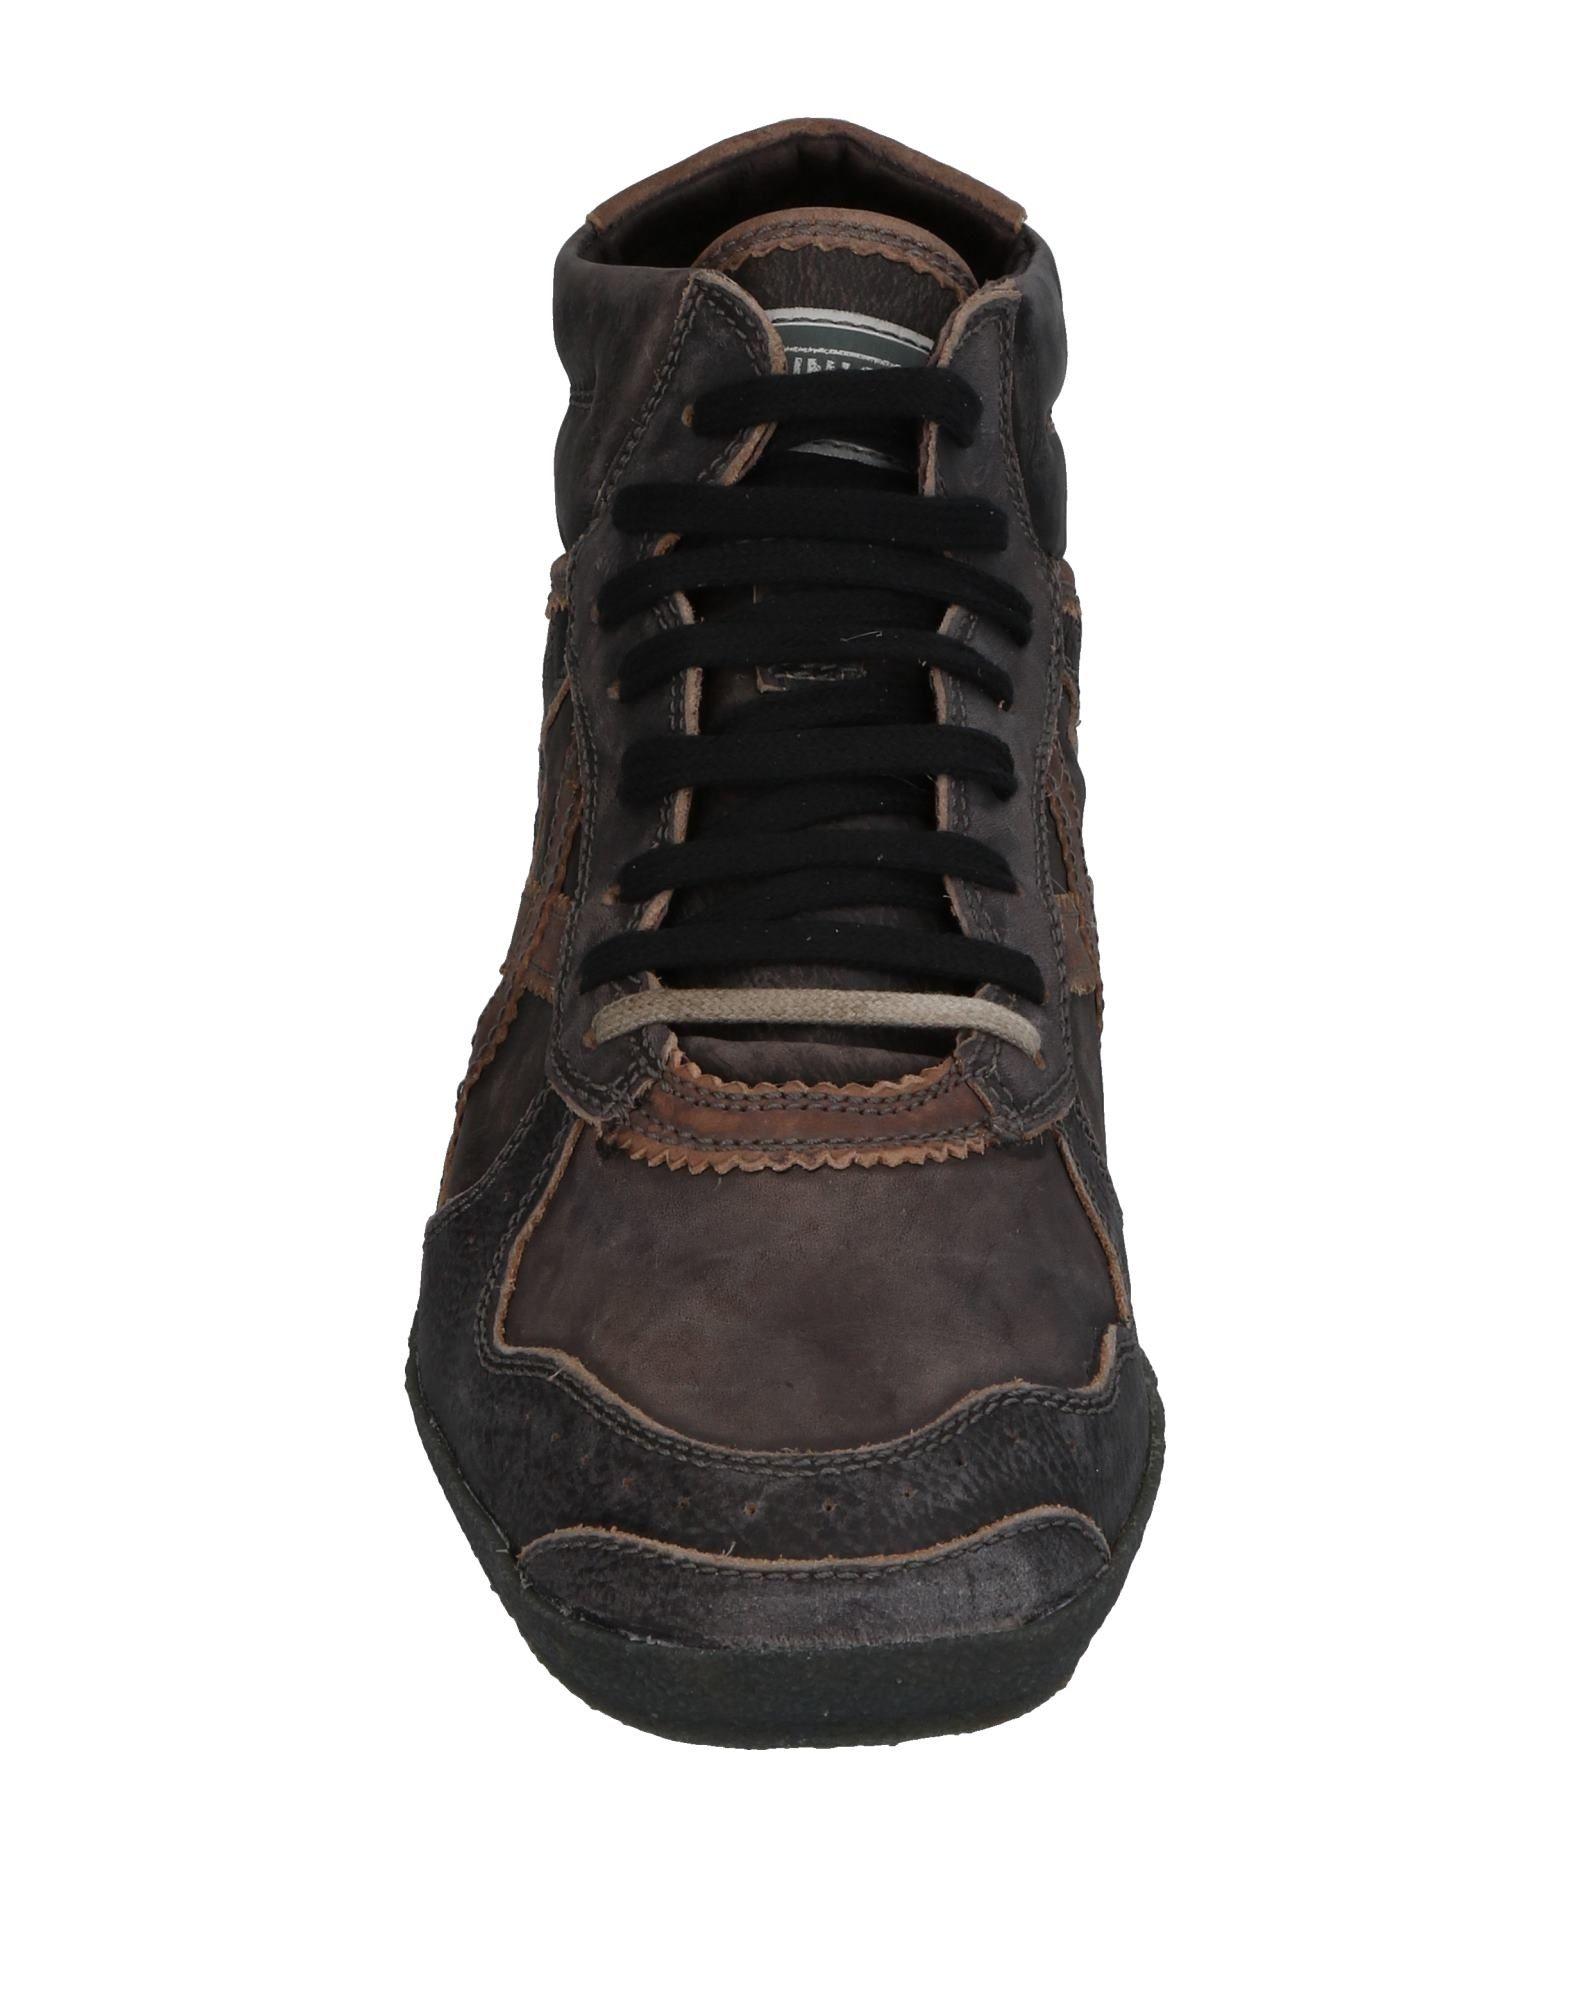 Scarpe economiche e resistenti Sneakers Munich Uomo - 11446857XS